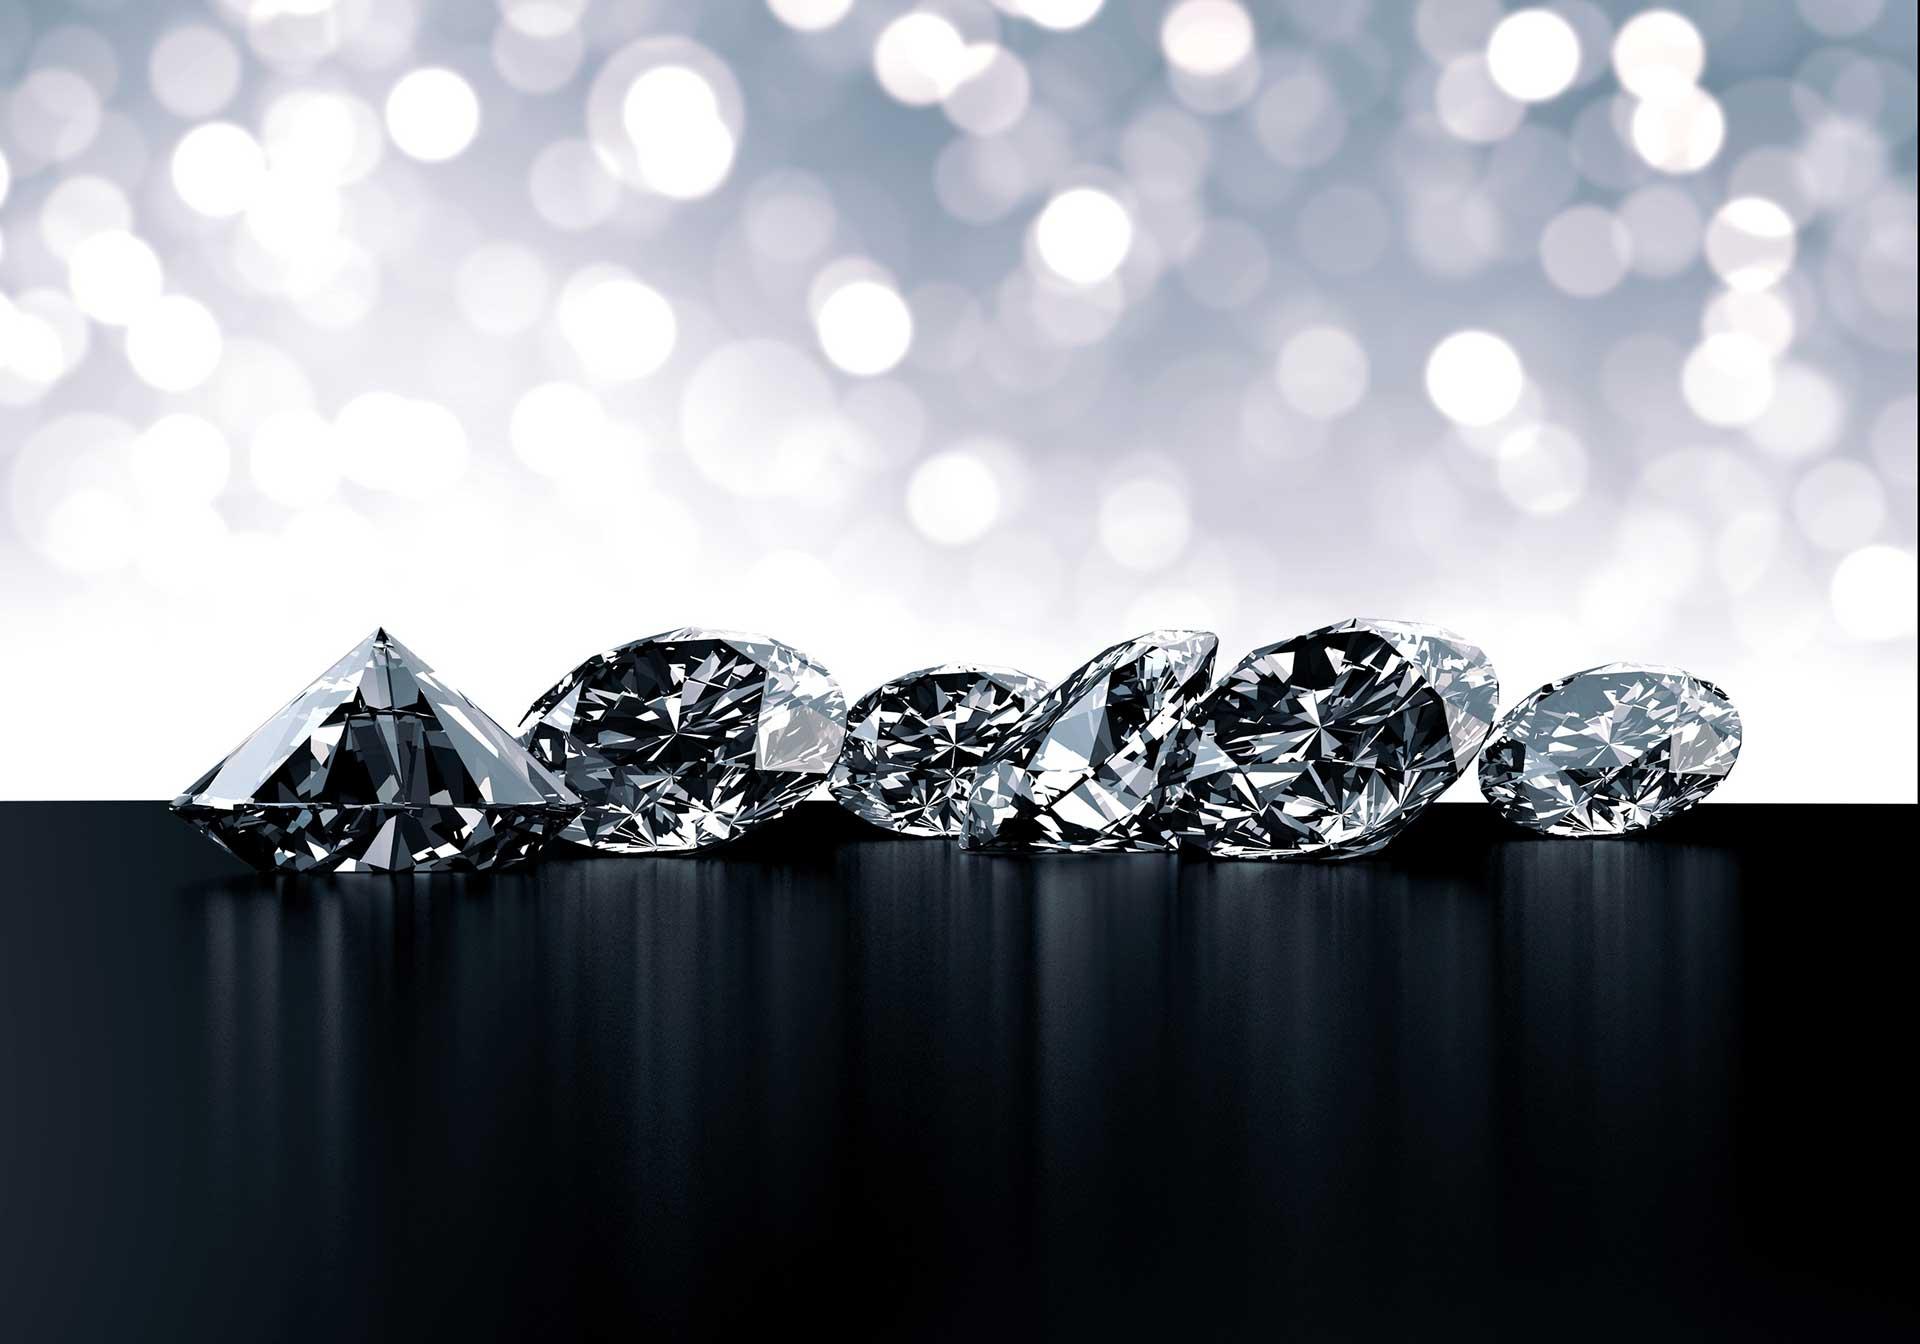 rolex-uhrenankauf-wien-juwelier-sascha, Breitling-Markenuhr-Uhren-Ankauf-Wien-Juwelier-Sascha, Goldringe, Bruchgold, Silberbesteck gold - DiamantenAnkaufBanner - Gold – Silber – Schmuck – Münzen Ankauf in Wien. Wir kaufen Ihr Gold